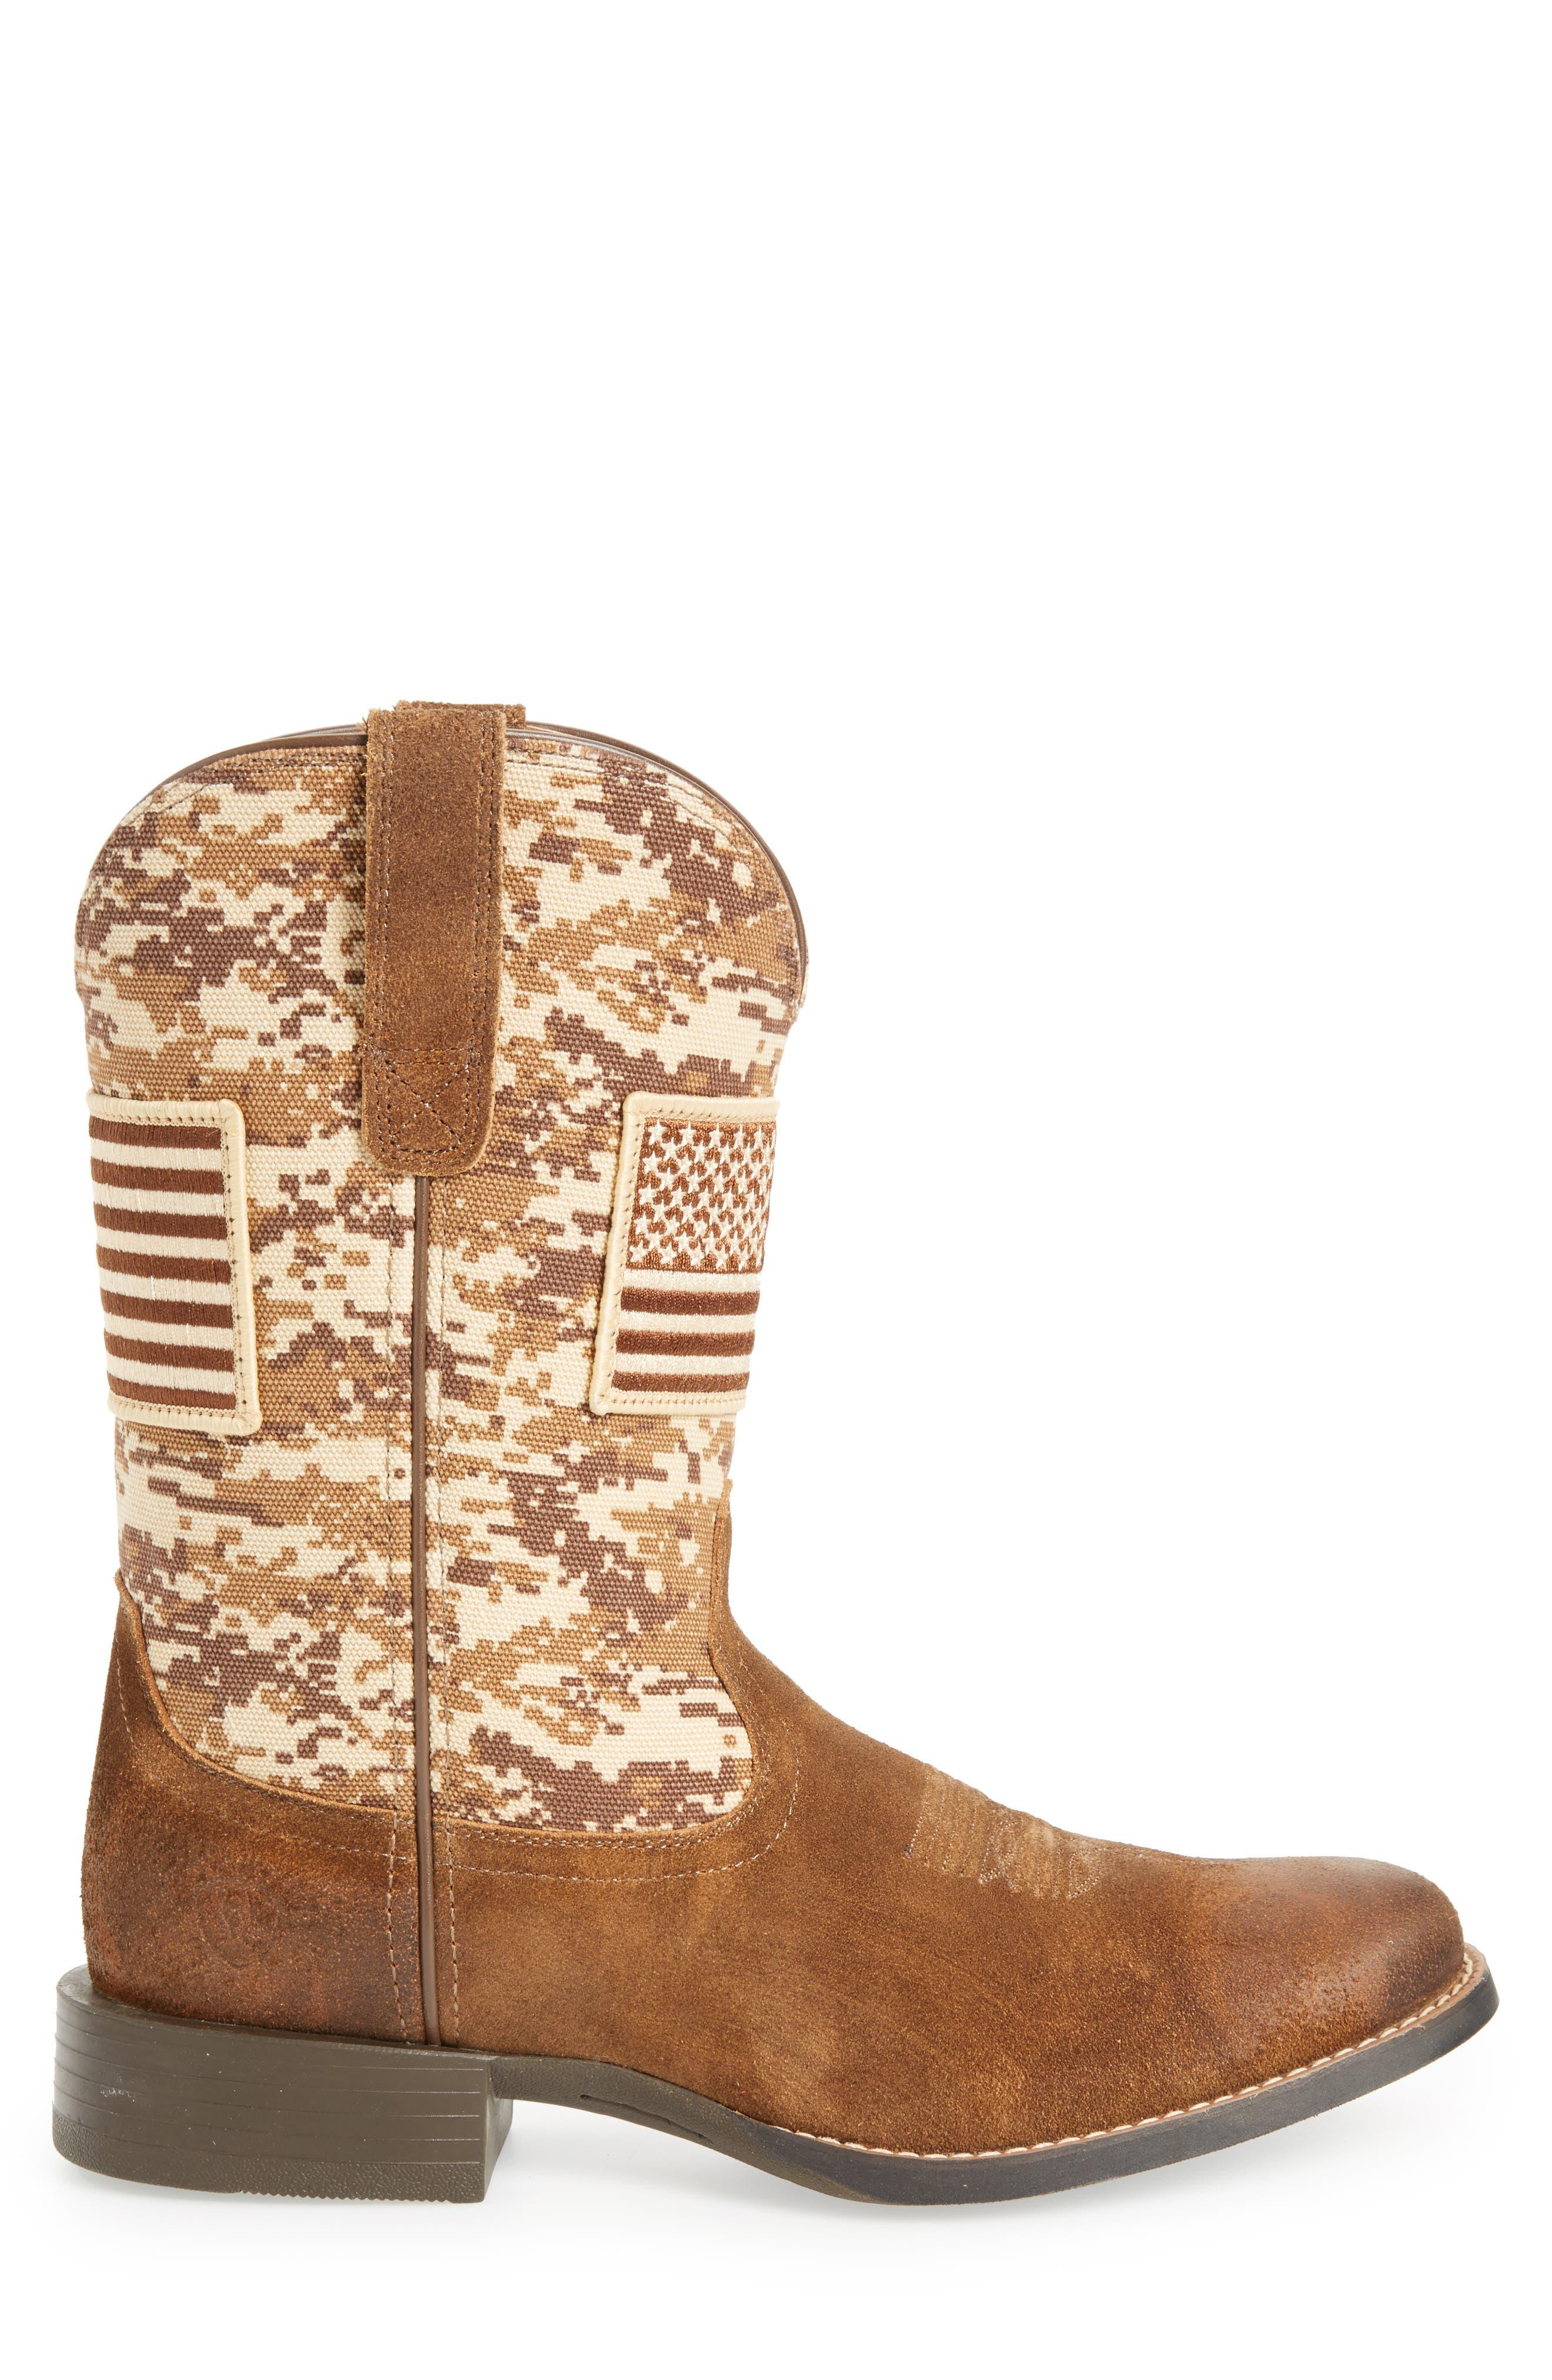 ARIAT, Sport Patriot Cowboy Boot, Alternate thumbnail 3, color, ANTIQUE MOCHA/ SAND LEATHER